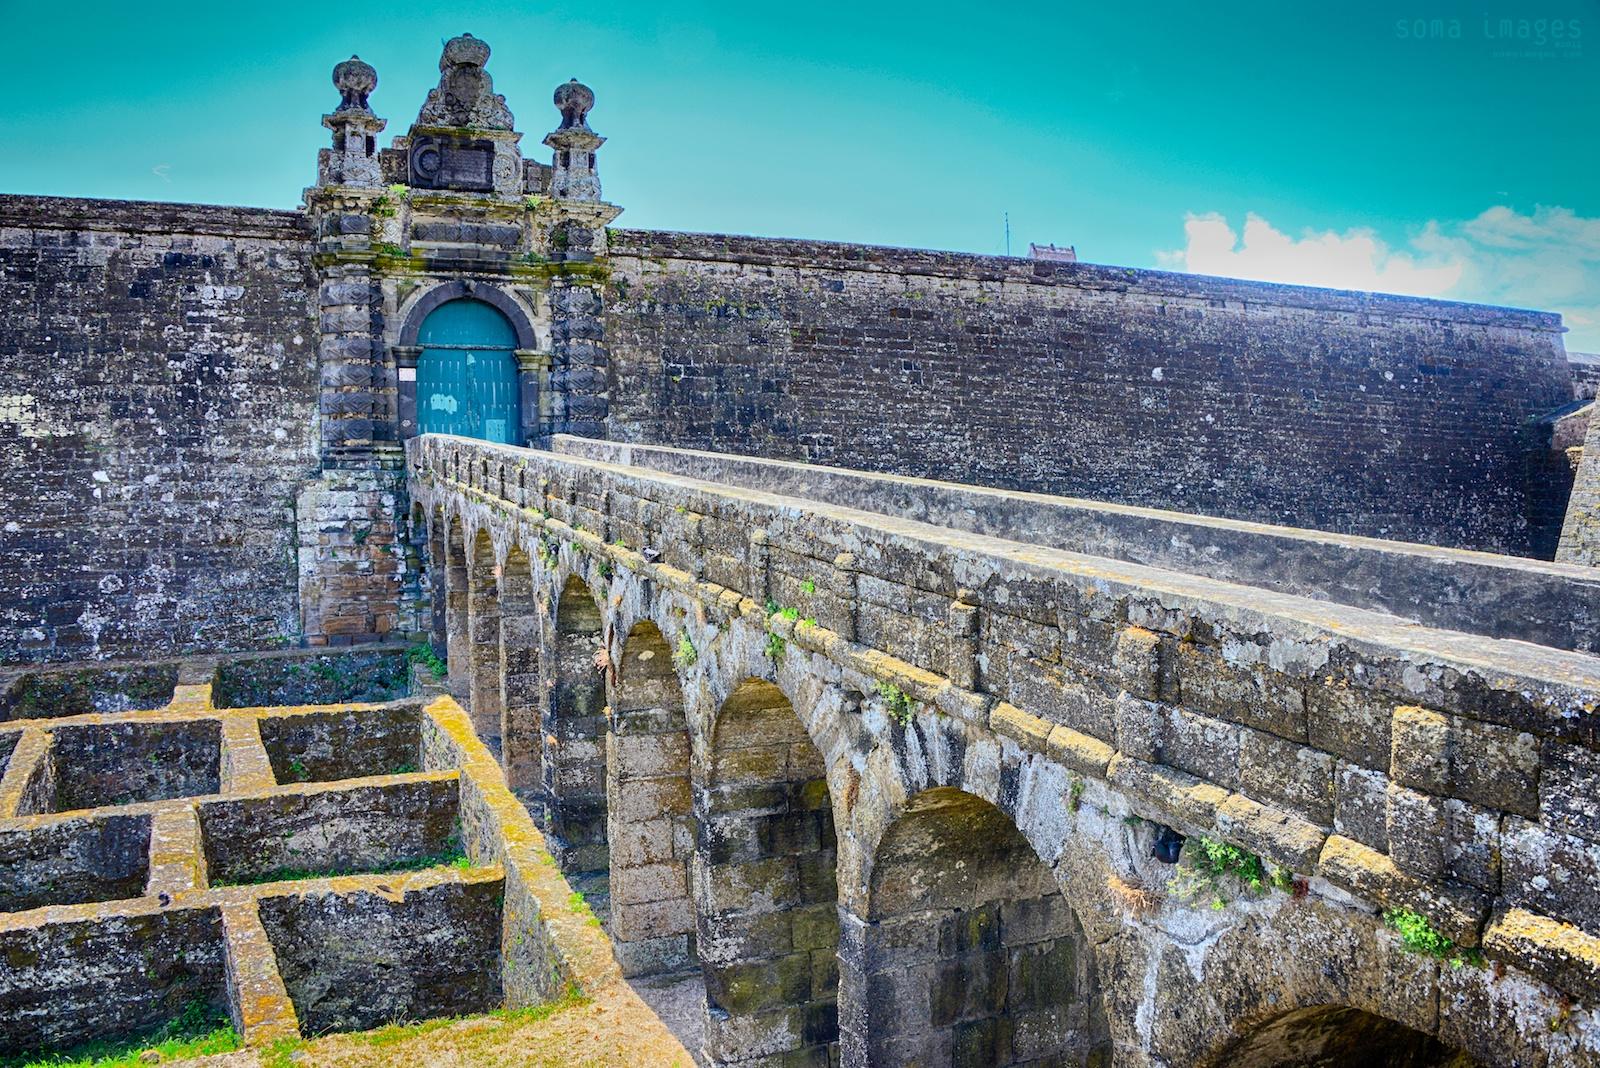 Terceira Island, Azores (Açores), PortugalSoma Images